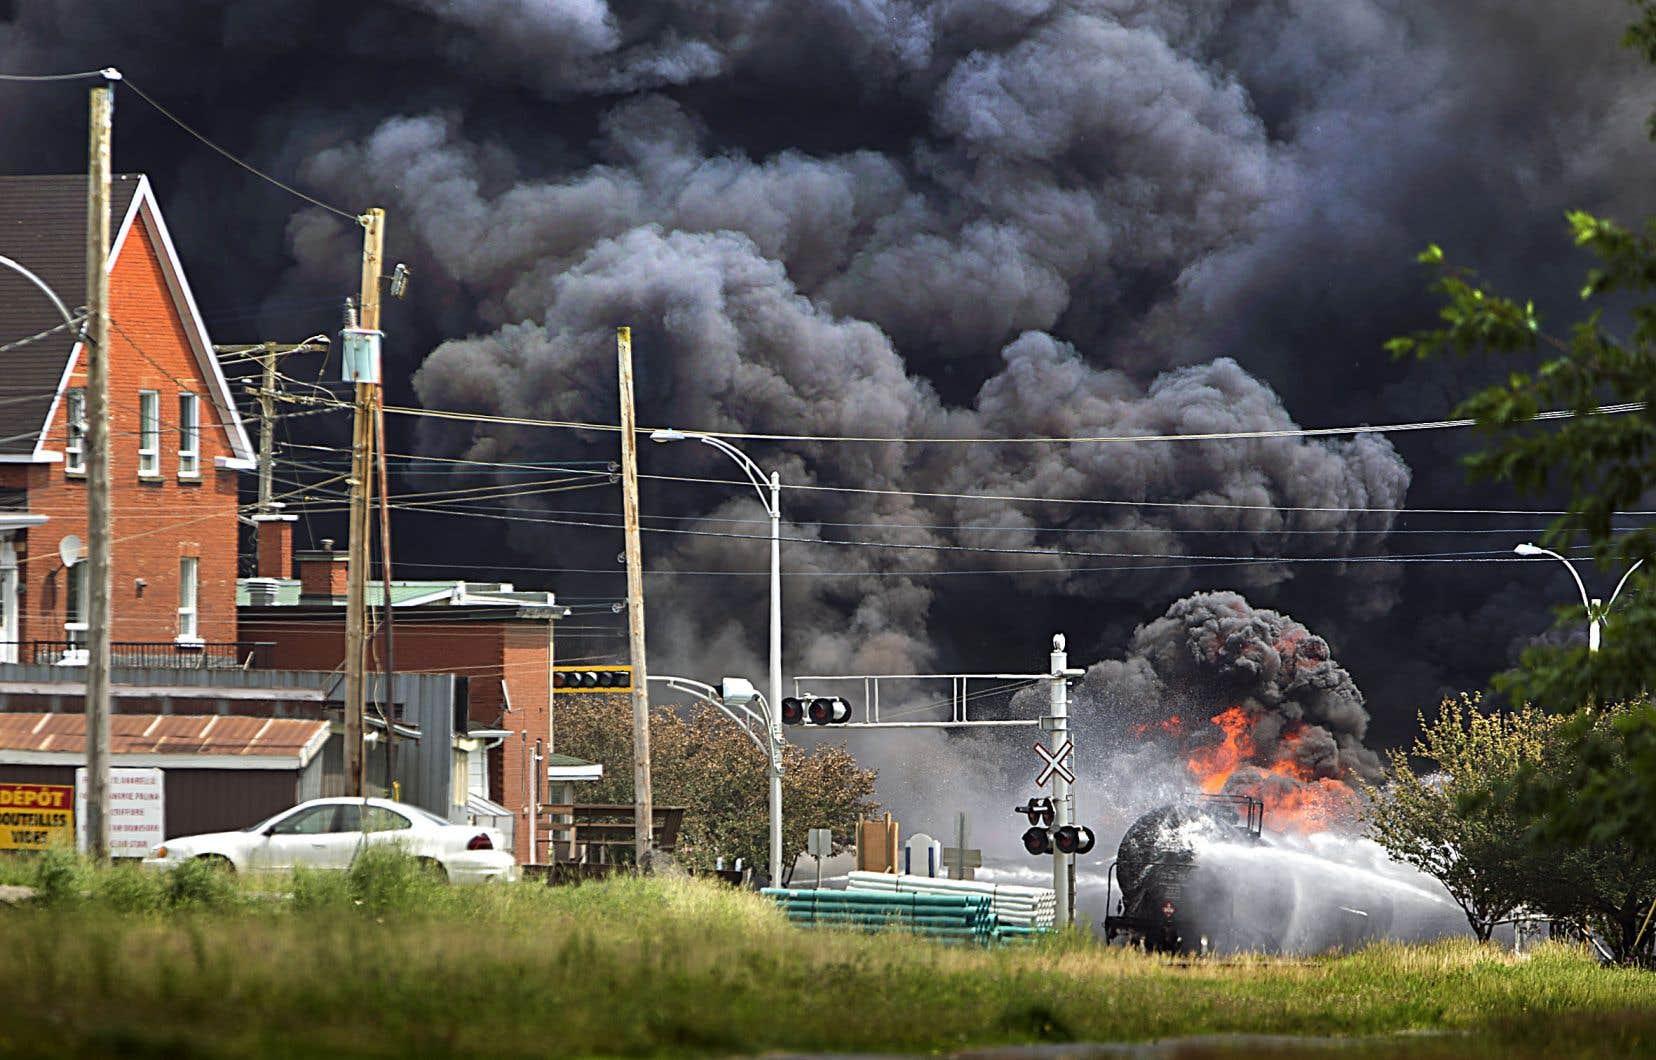 L'incendie déclenché par le déraillement et l'explosion des wagons-citernes a dévasté une partie du centre-ville de Lac-Mégantic.